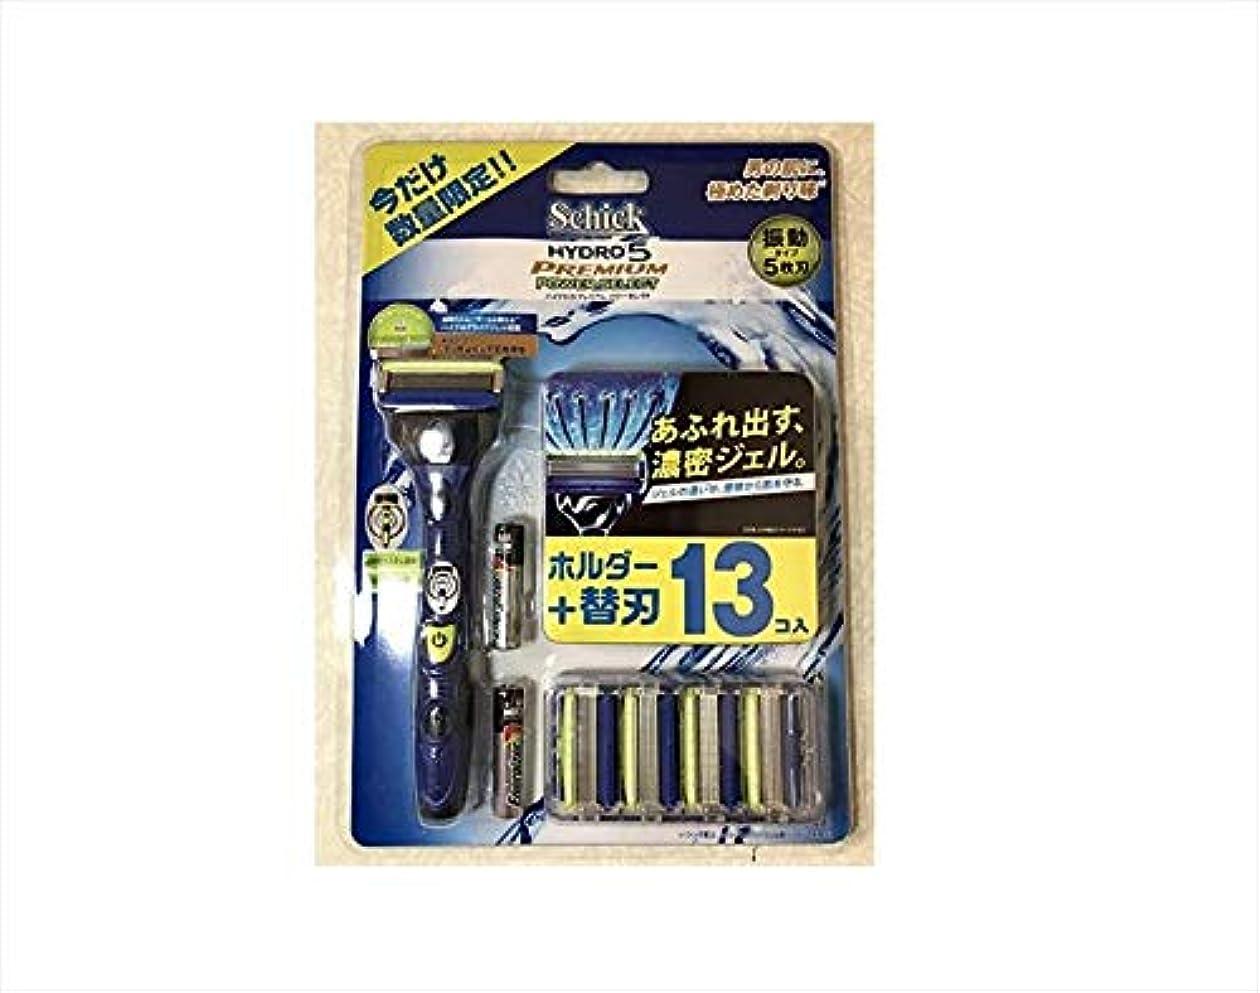 みなす野菜料理お買い得 シック ハイドロ5 パワーセレクトホルダー1本+ 替刃 (13コ入)+電池2本